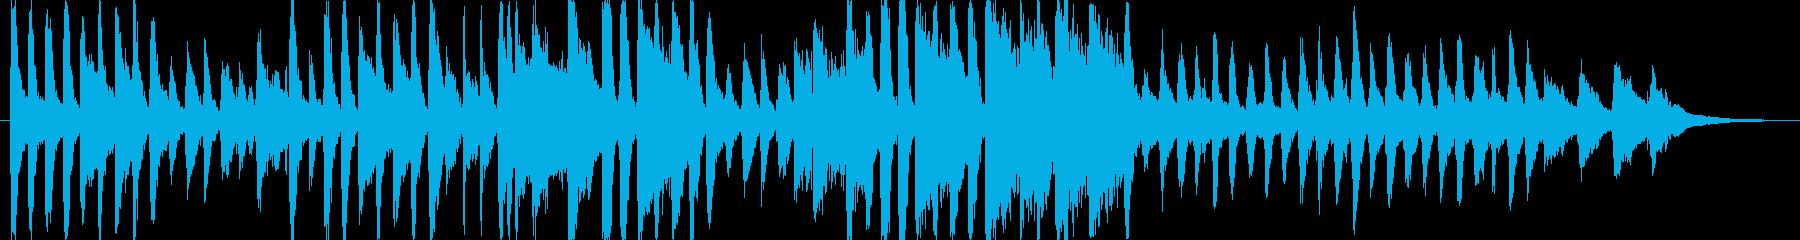 ジングル - ニコニコスマイルの再生済みの波形